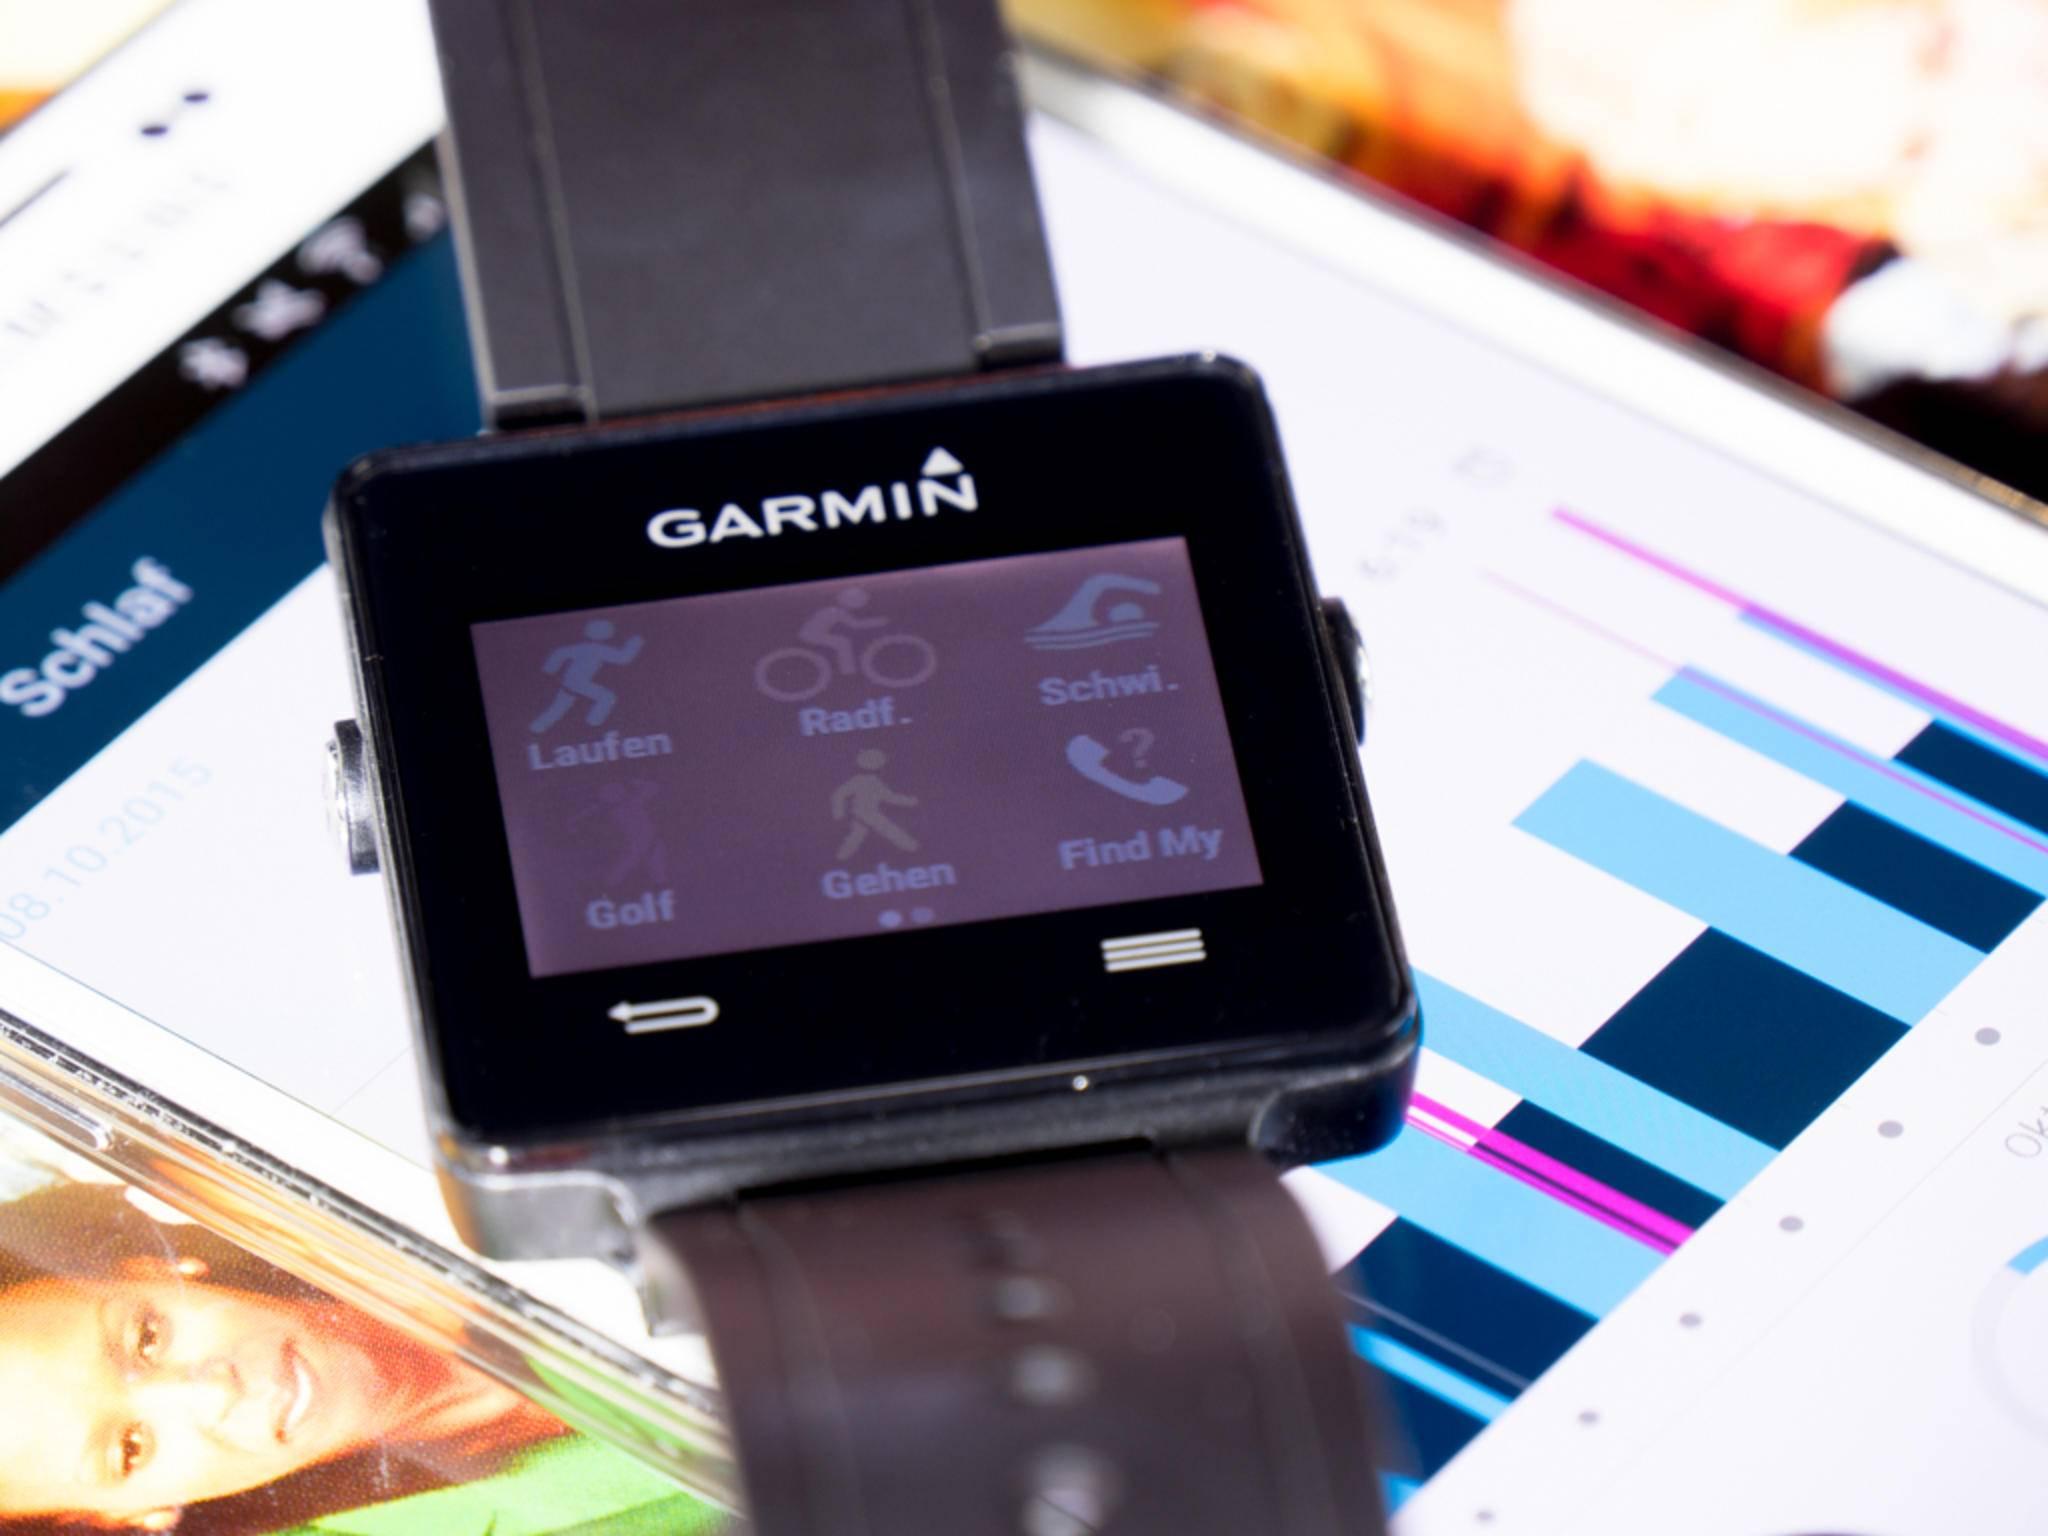 Garmin scheint Gefallen am Design alter Casio-Modelle zu finden.